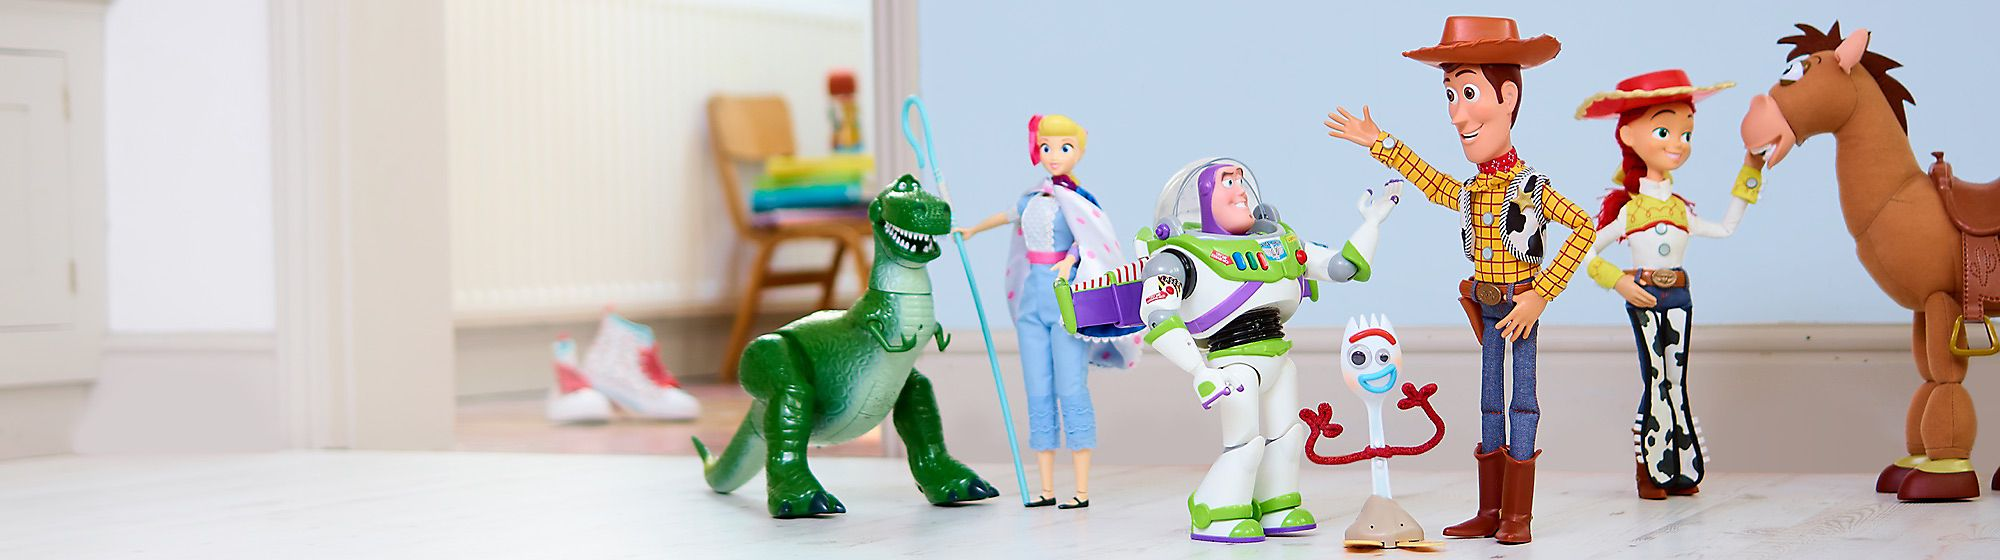 Descubre nuestra gama de Pixar con fantásticos juguetes, ropa y mucho más. Sigue comprando, sigue comprando...